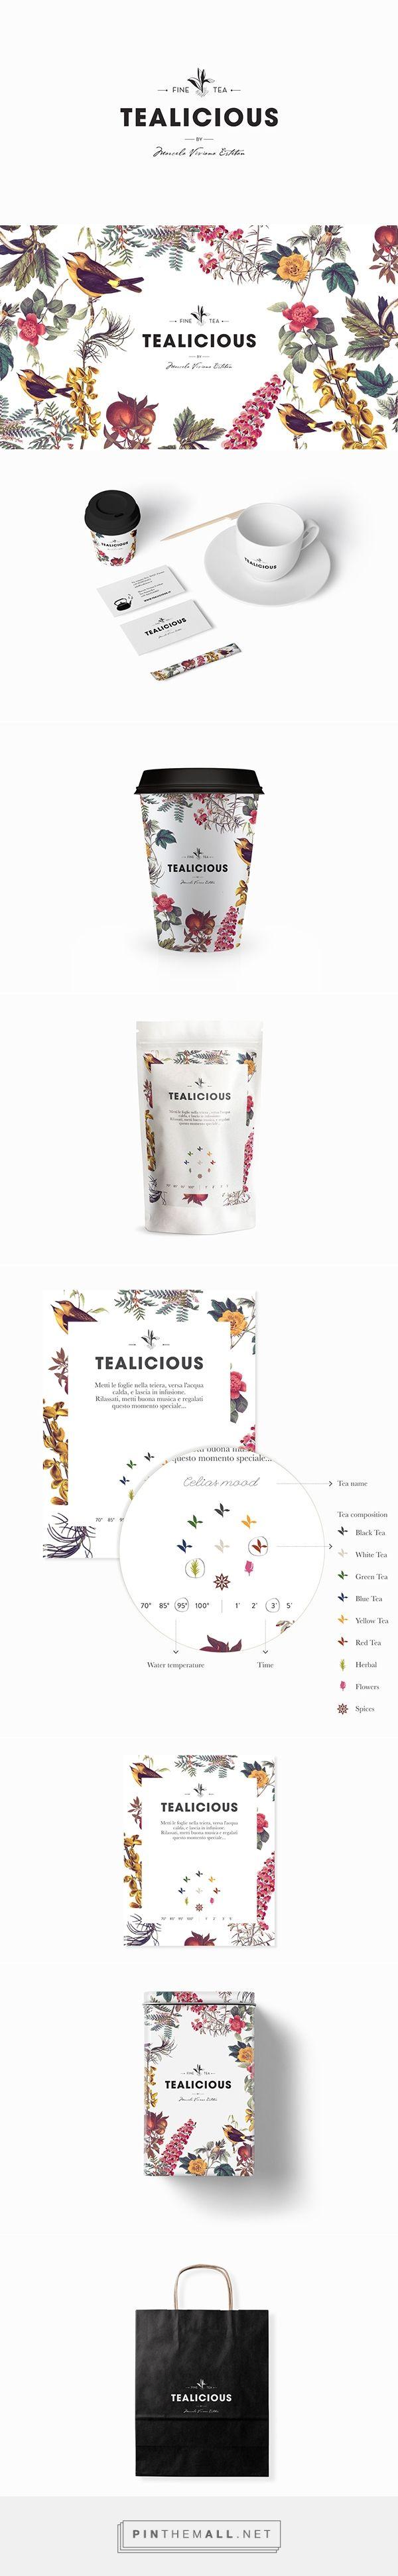 Tealicious designed by Alvarez Juana